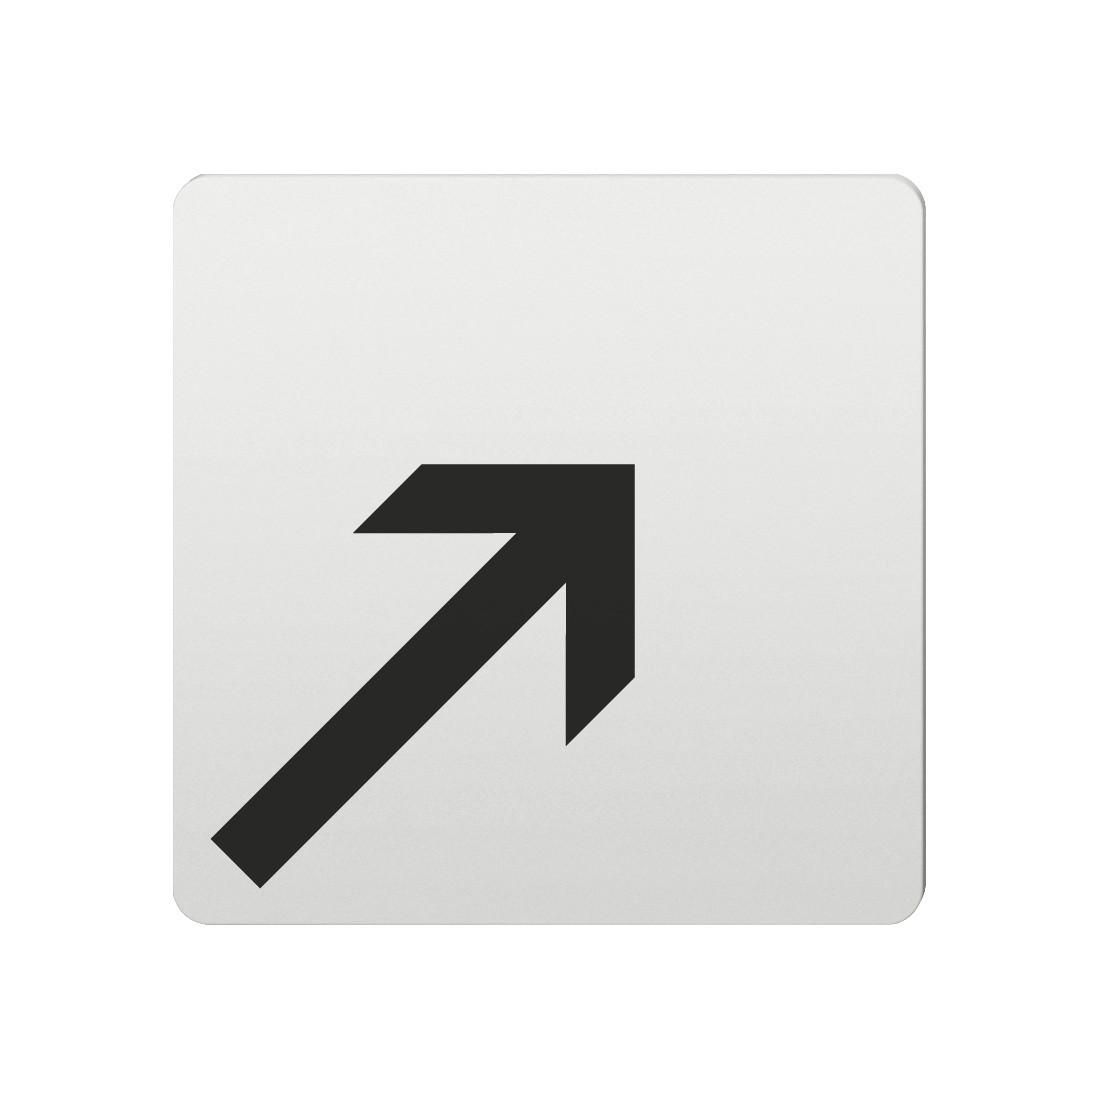 FSB Hinweiszeichen Pfeil n.rechts oben Lasergraviert Aluminium naturfarbig (0 36 4059 00008 0105)